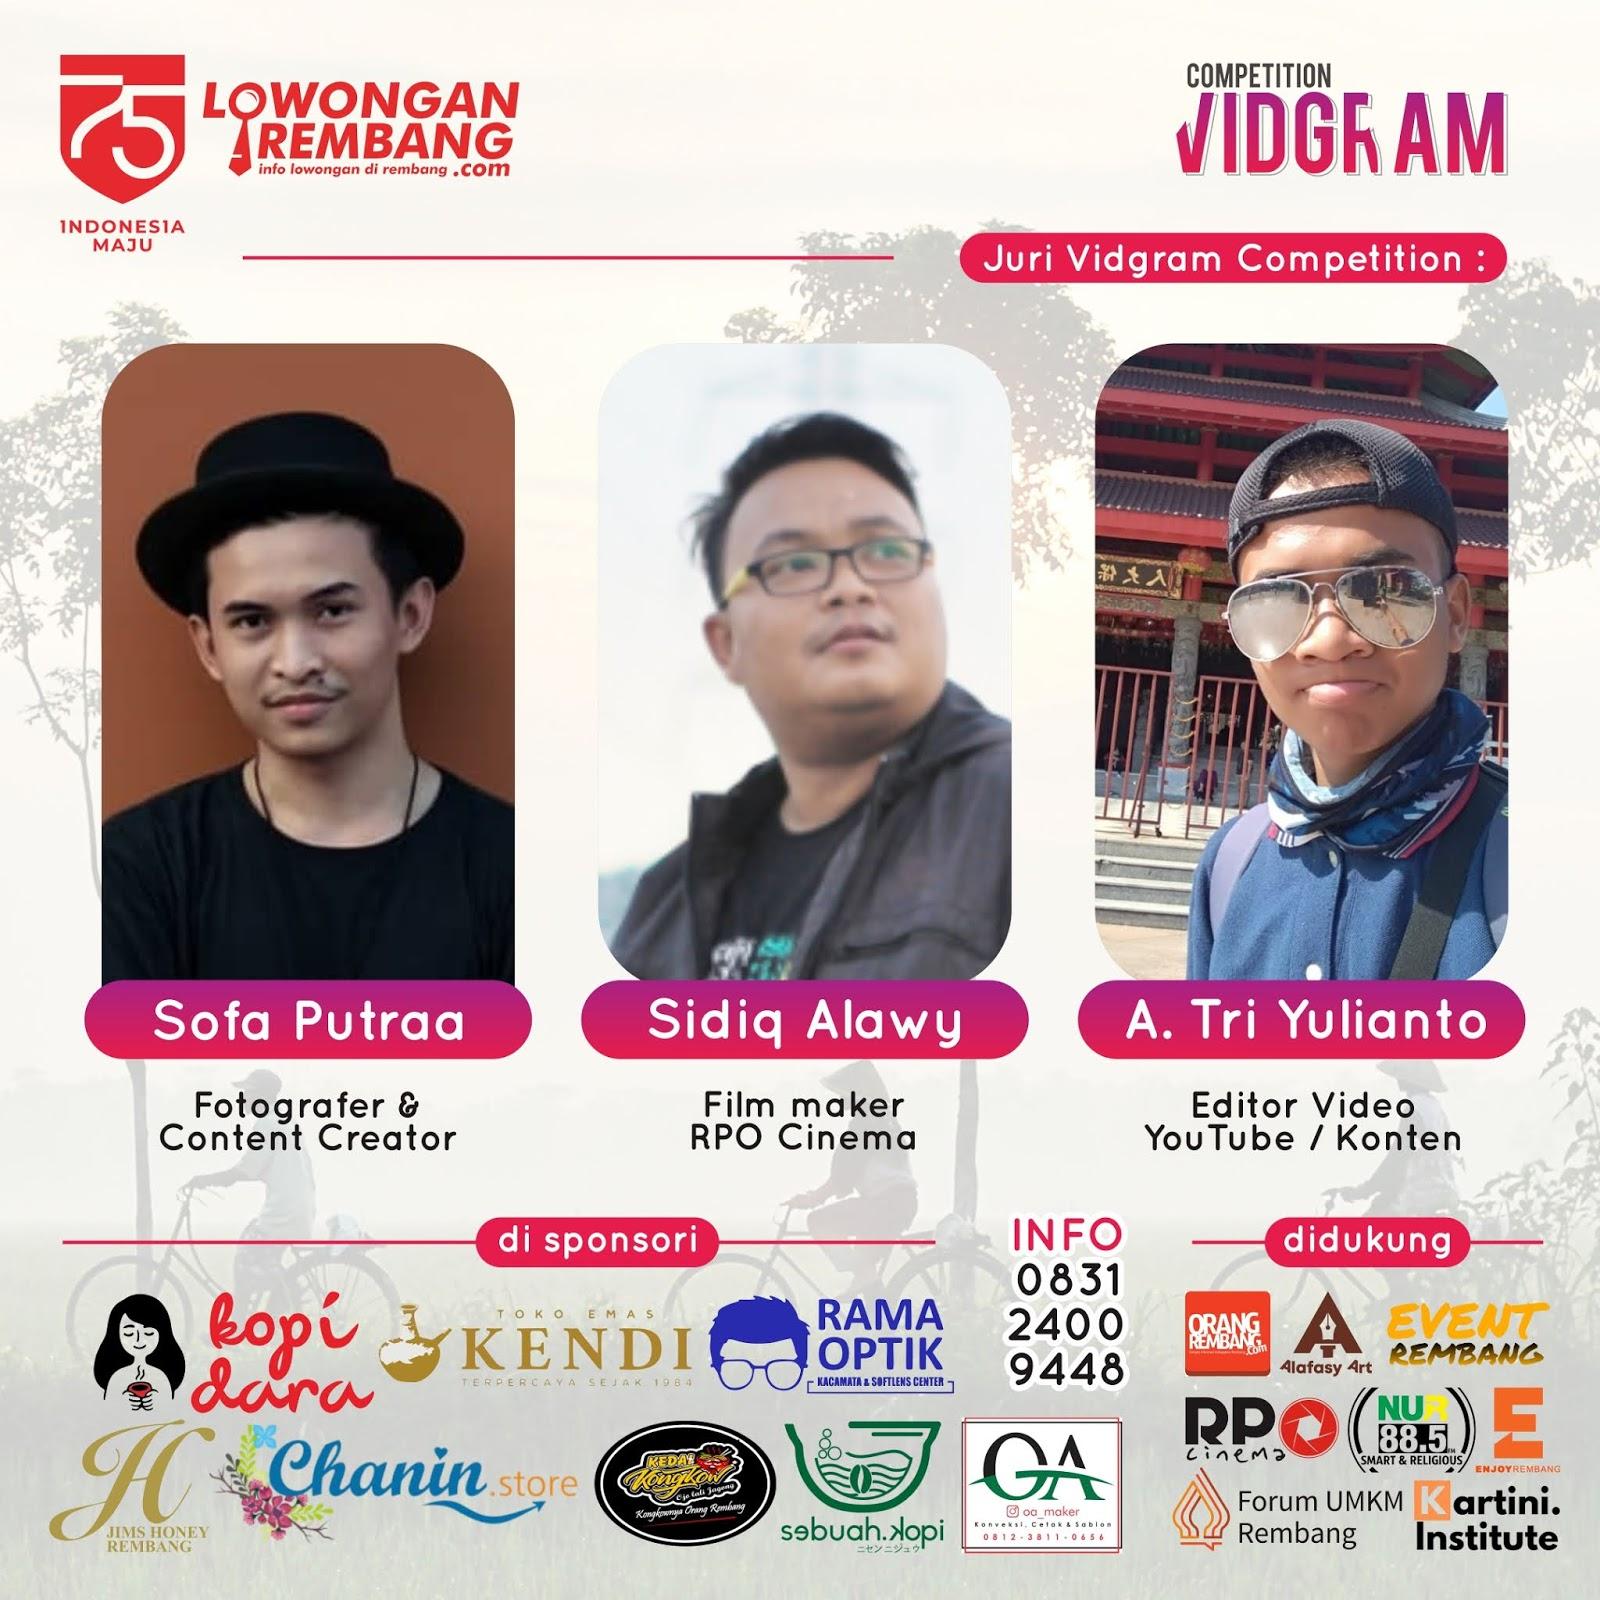 PENGUMUMAN Para Juara Vidgram Competition Yang Memenangkan Total Hadiah Juatan Rupiah